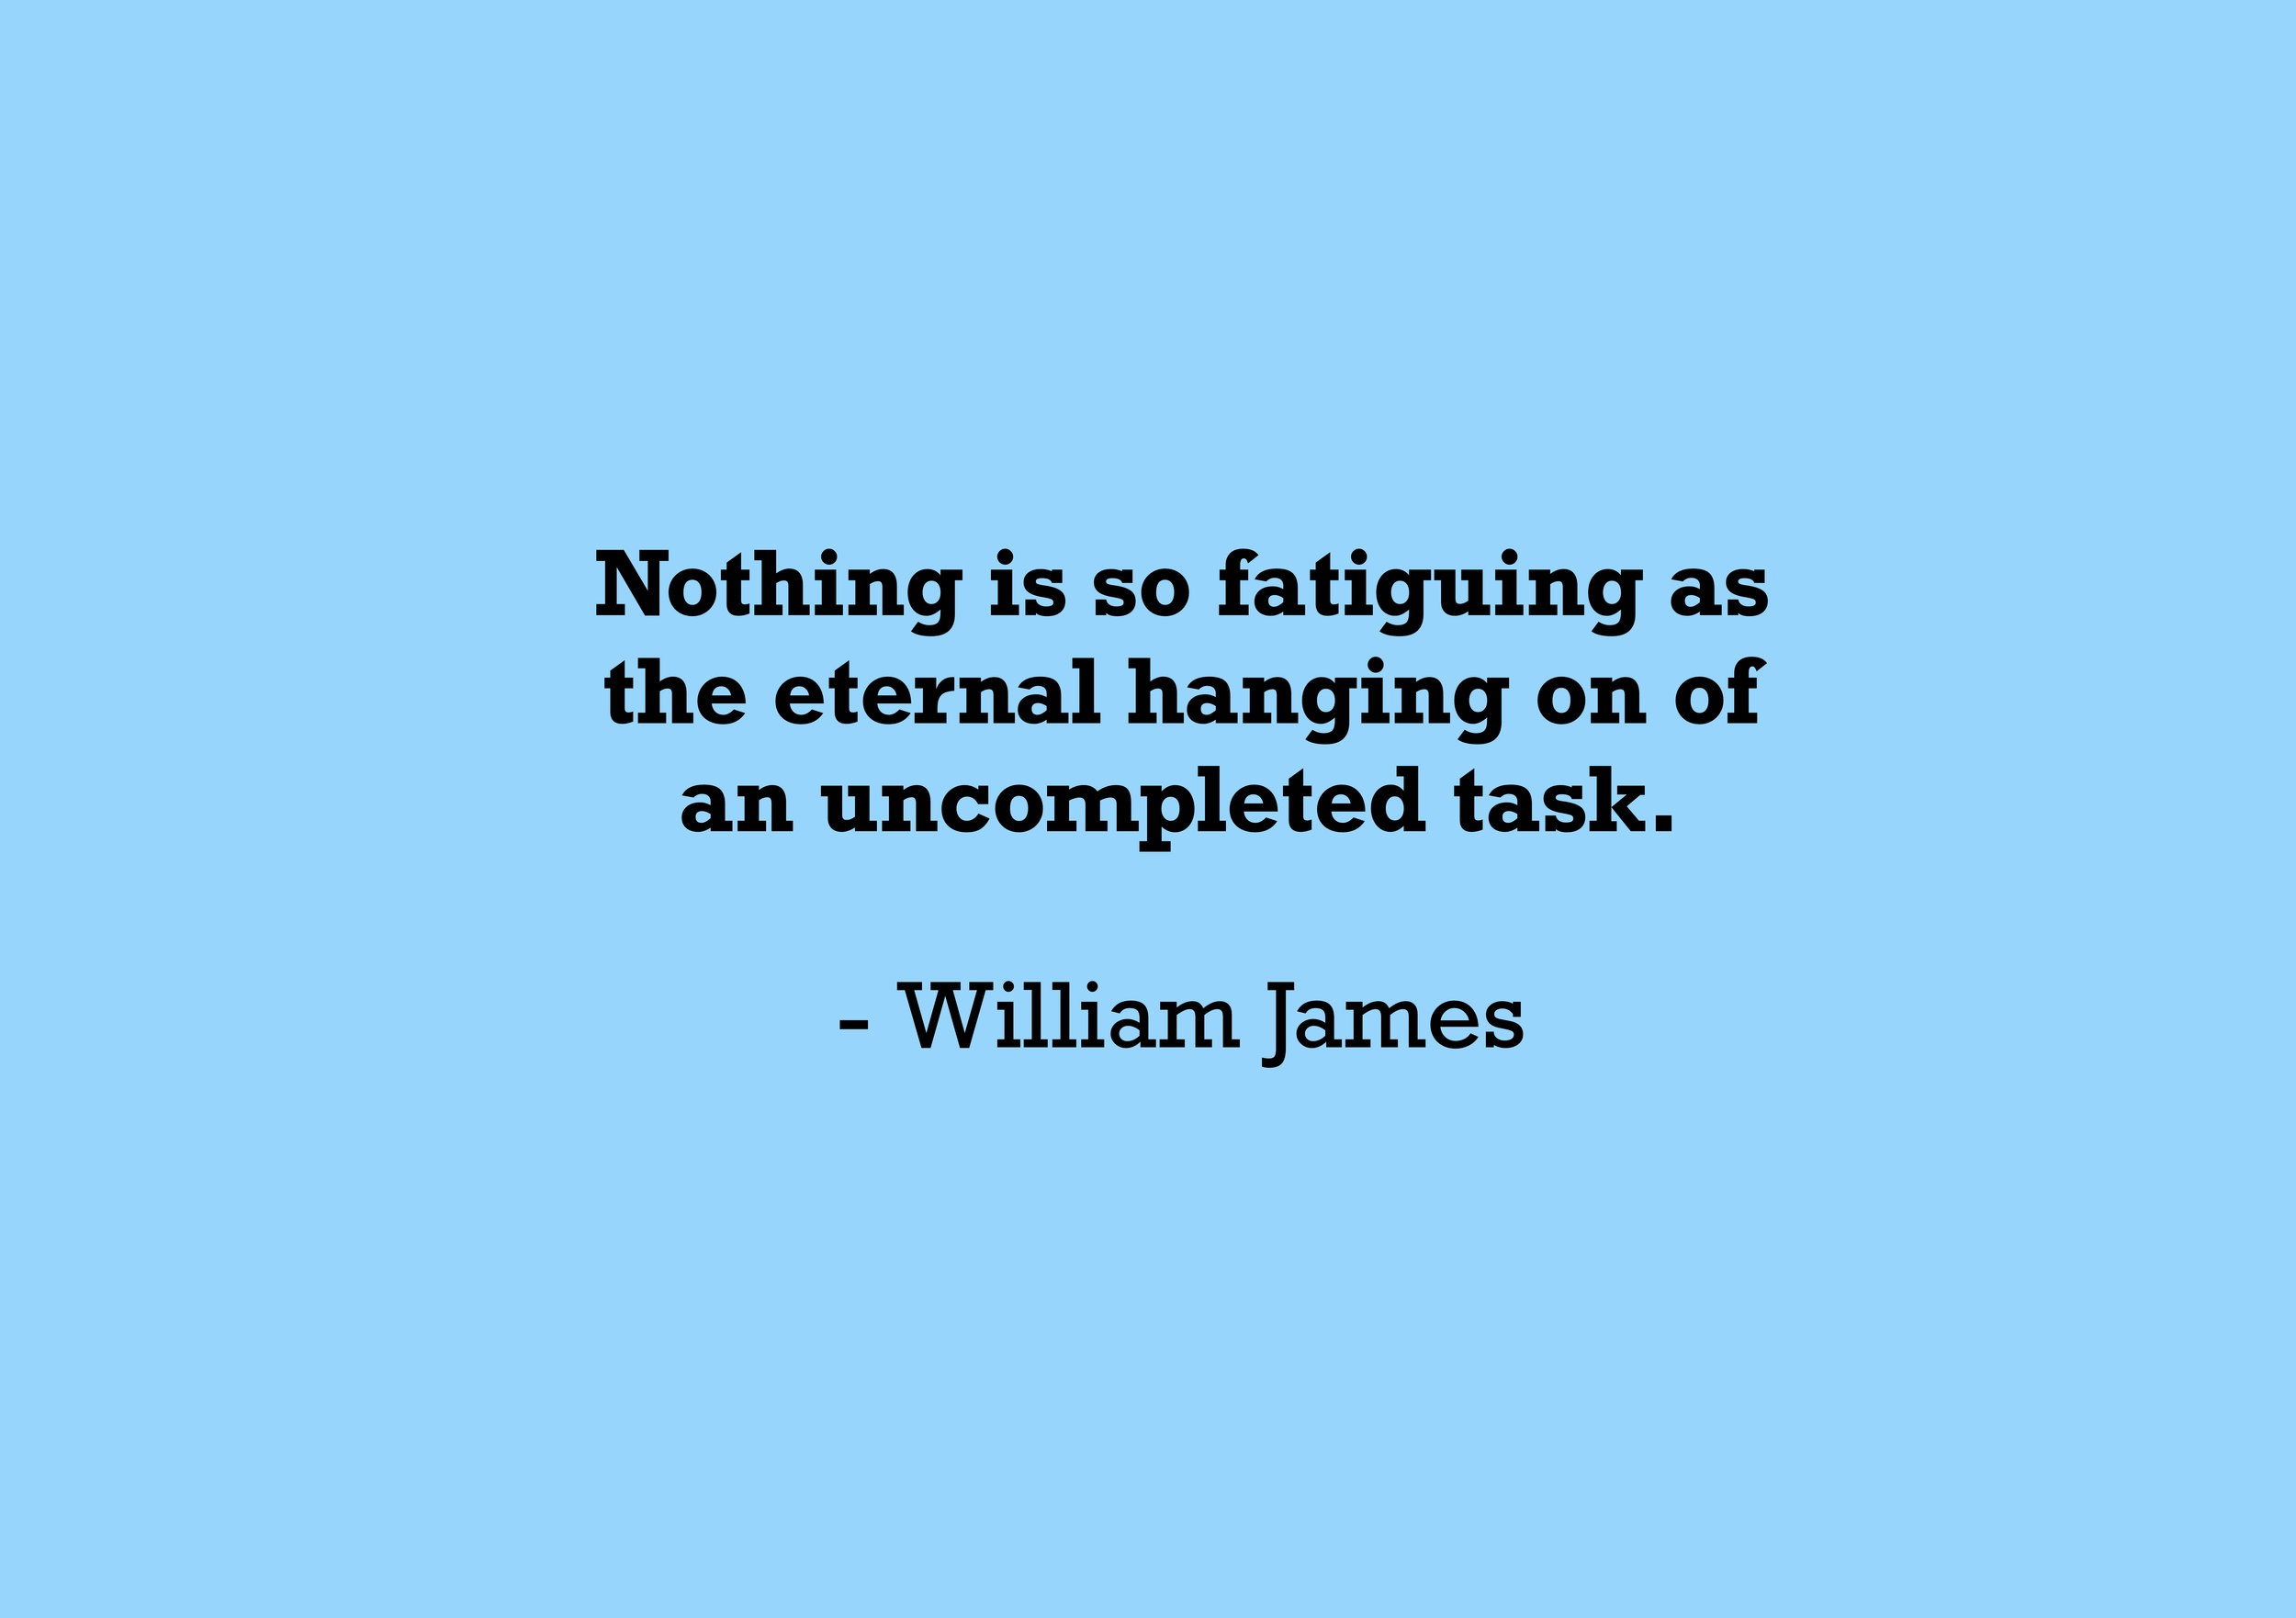 Nothing is so fatiguing.jpg